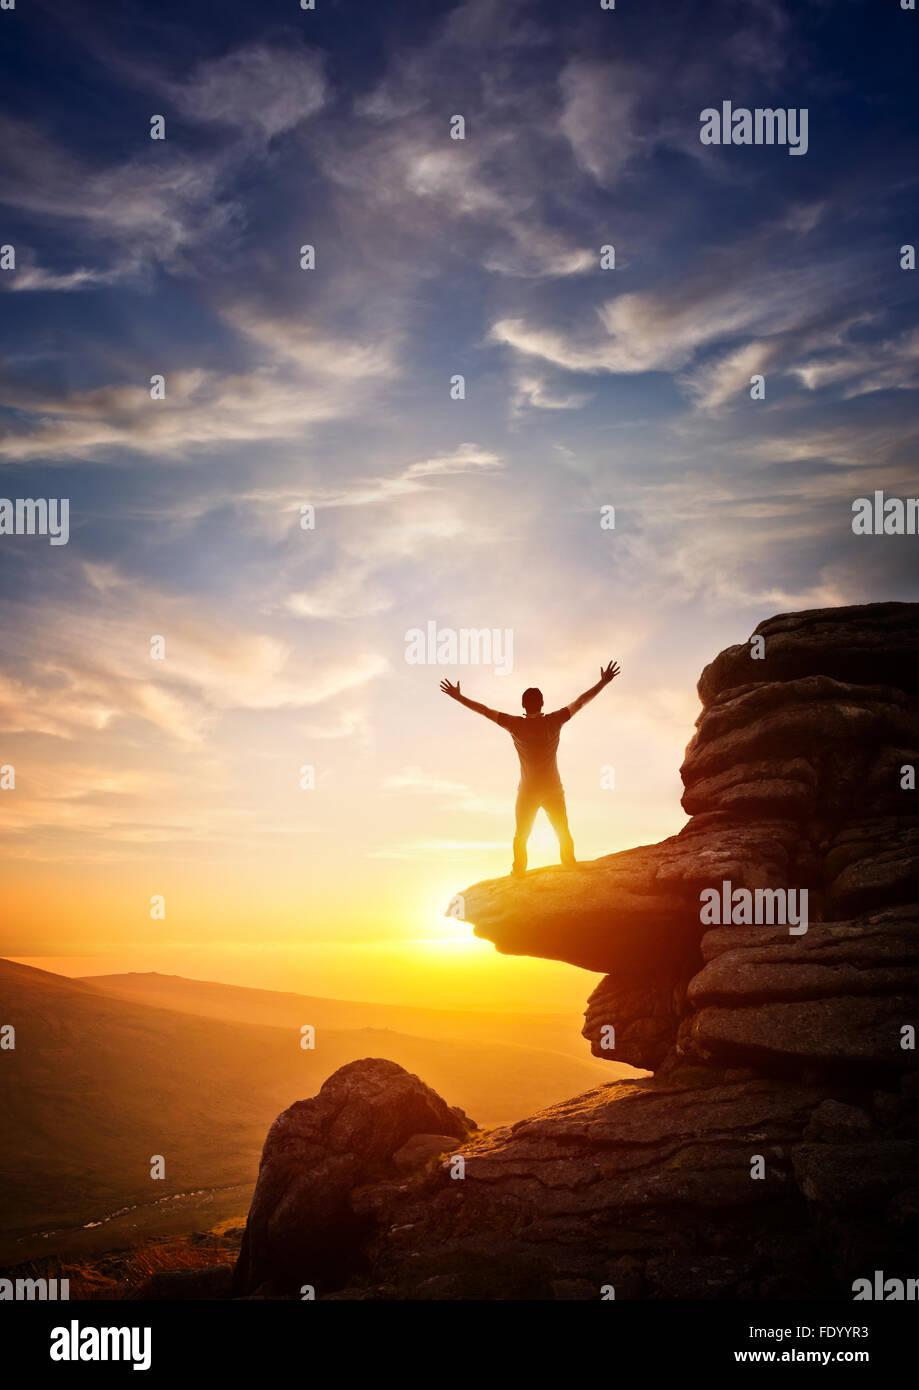 Eine Person, die sich von einem Höhepunkt, gegen Sonnenuntergang erreichen. Mit dem Ausdruck ihrer Freiheit Stockbild